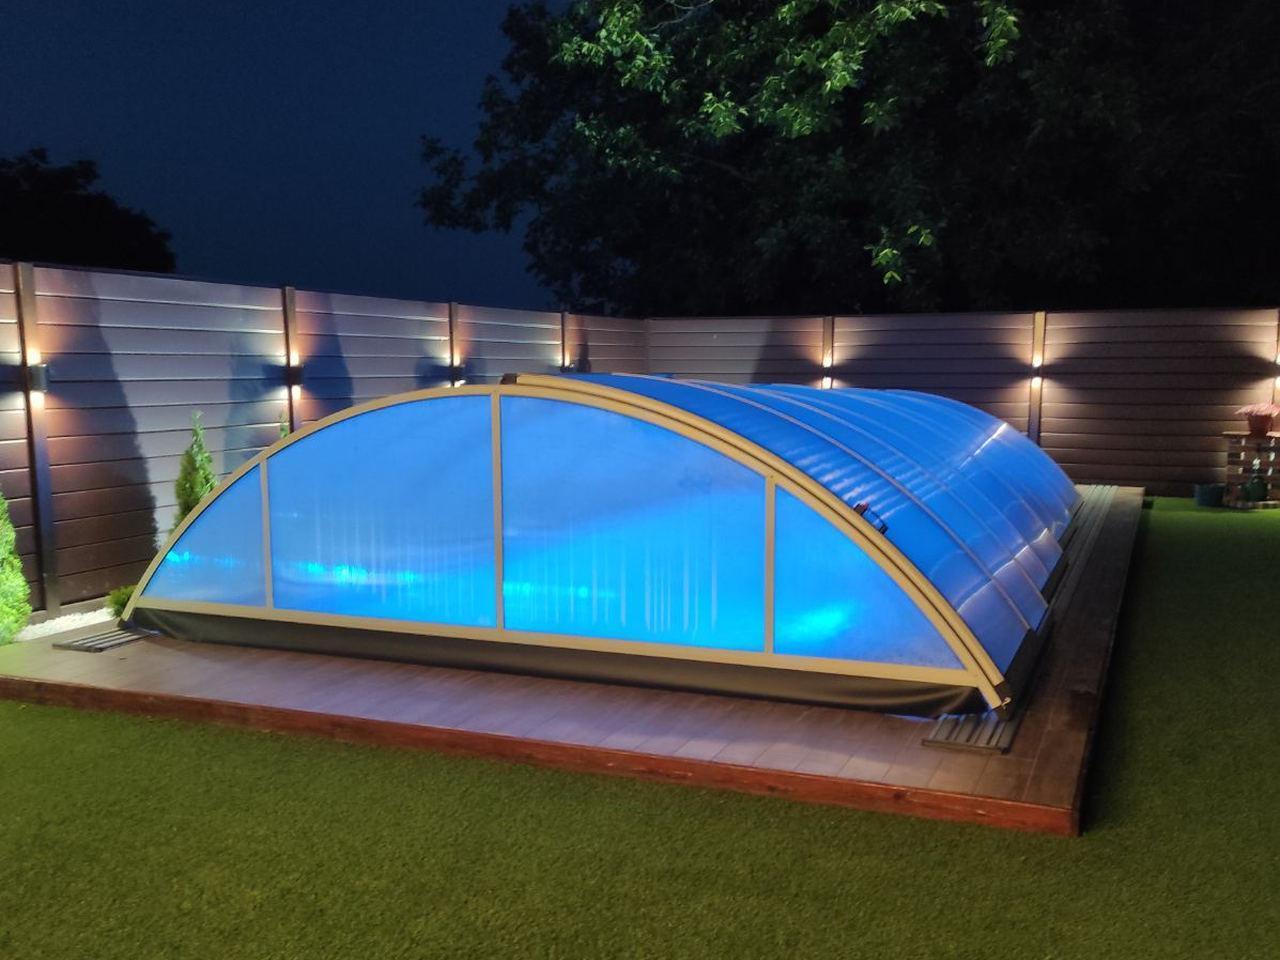 Заказать бассейн - это лучшее решение